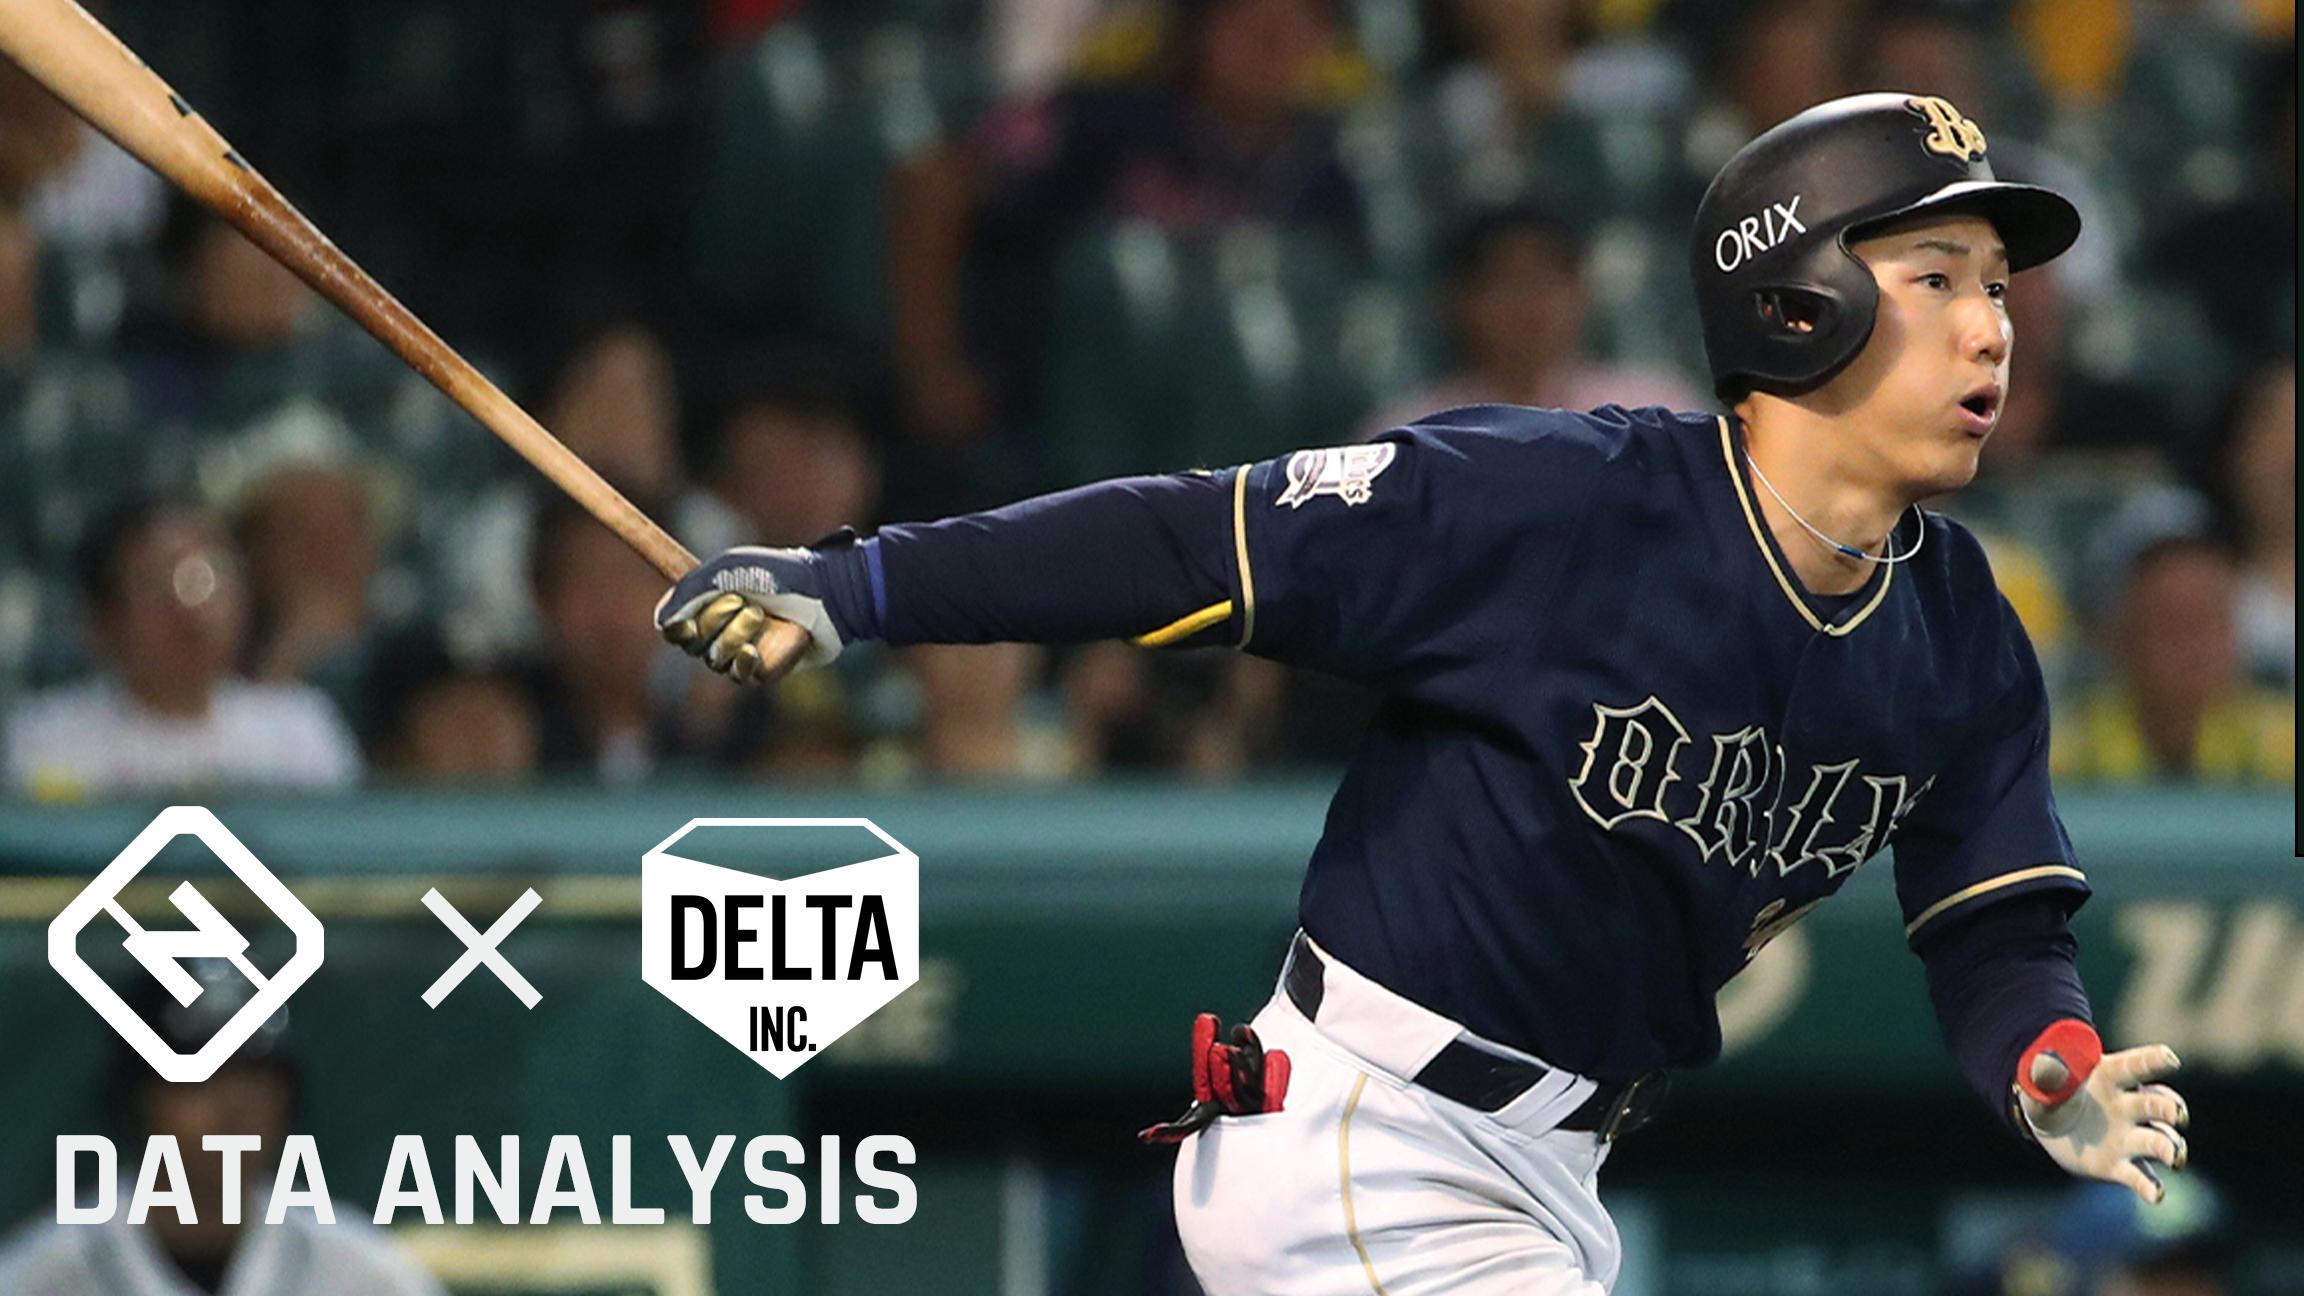 長距離打者というより好打者? データで見るオリックス・吉田正尚の打撃スタイル